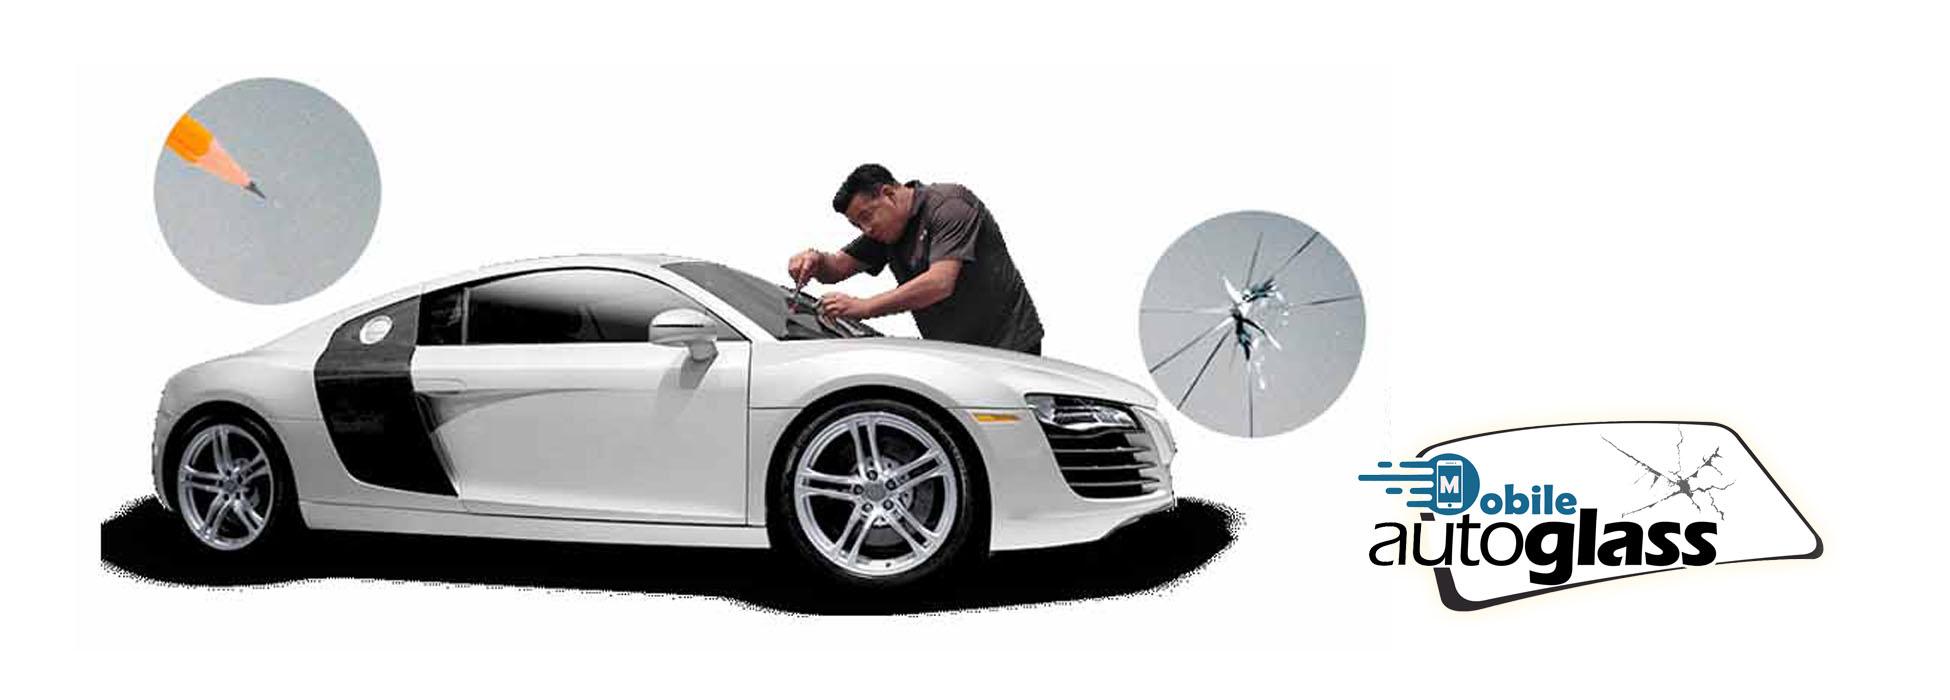 ترمیم شیشه اتومبیل